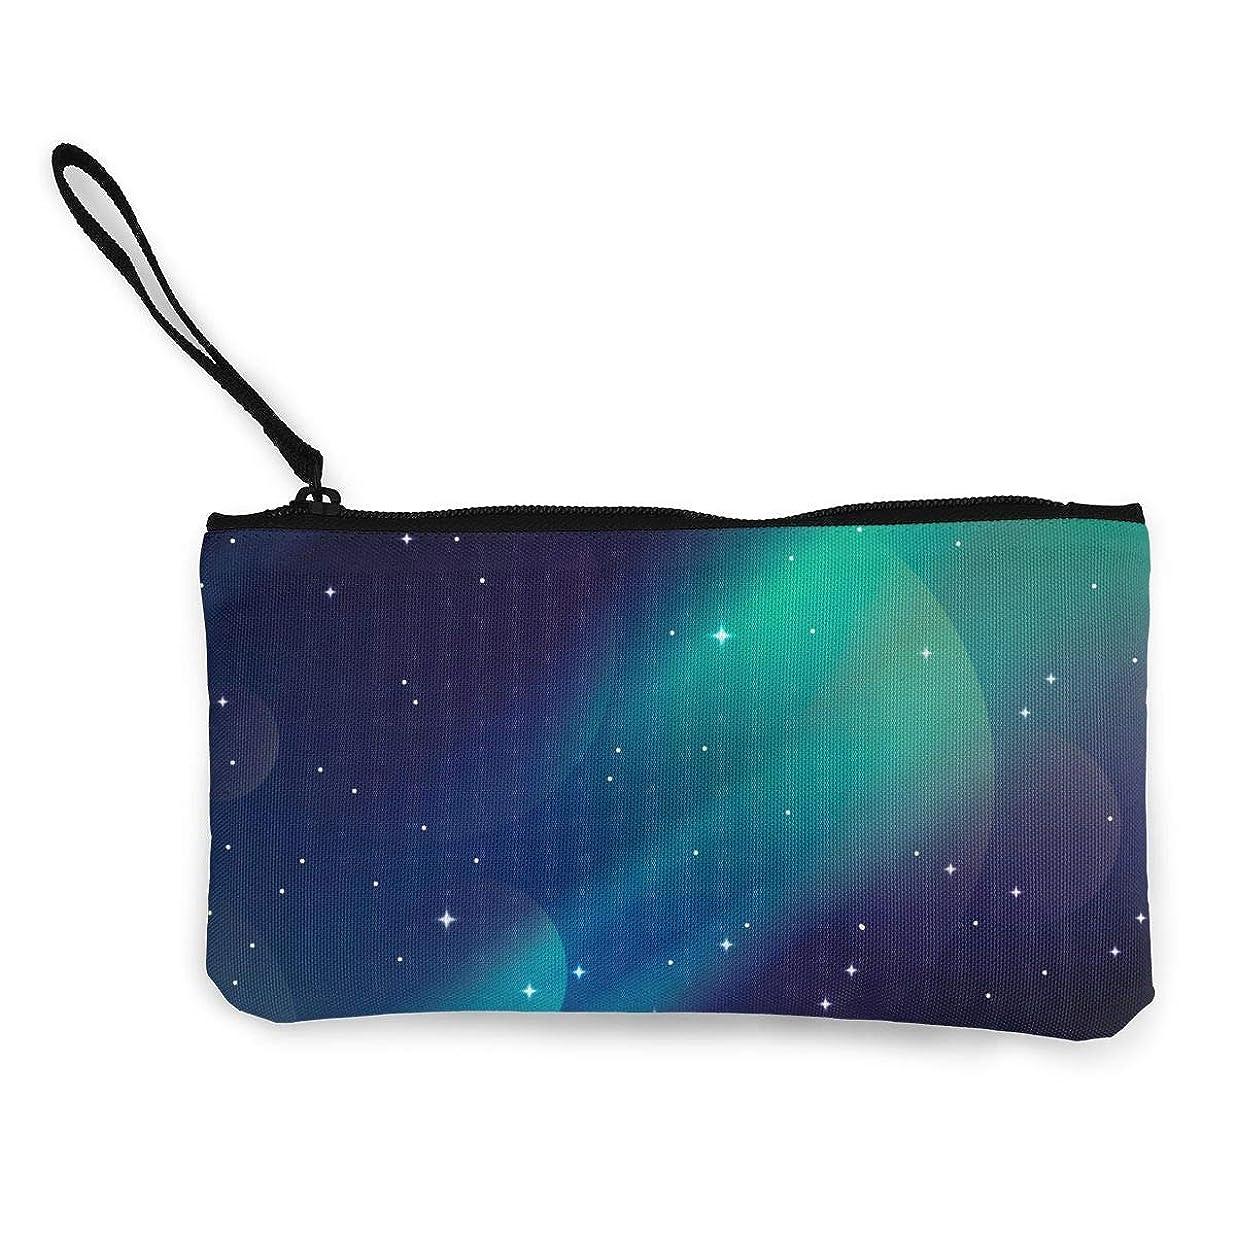 スコットランド人誘うゴミErmiCo レディース 小銭入れ キャンバス財布 光の夜空 小遣い財布 財布 鍵 小物 充電器 収納 長財布 ファスナー付き 22×12cm